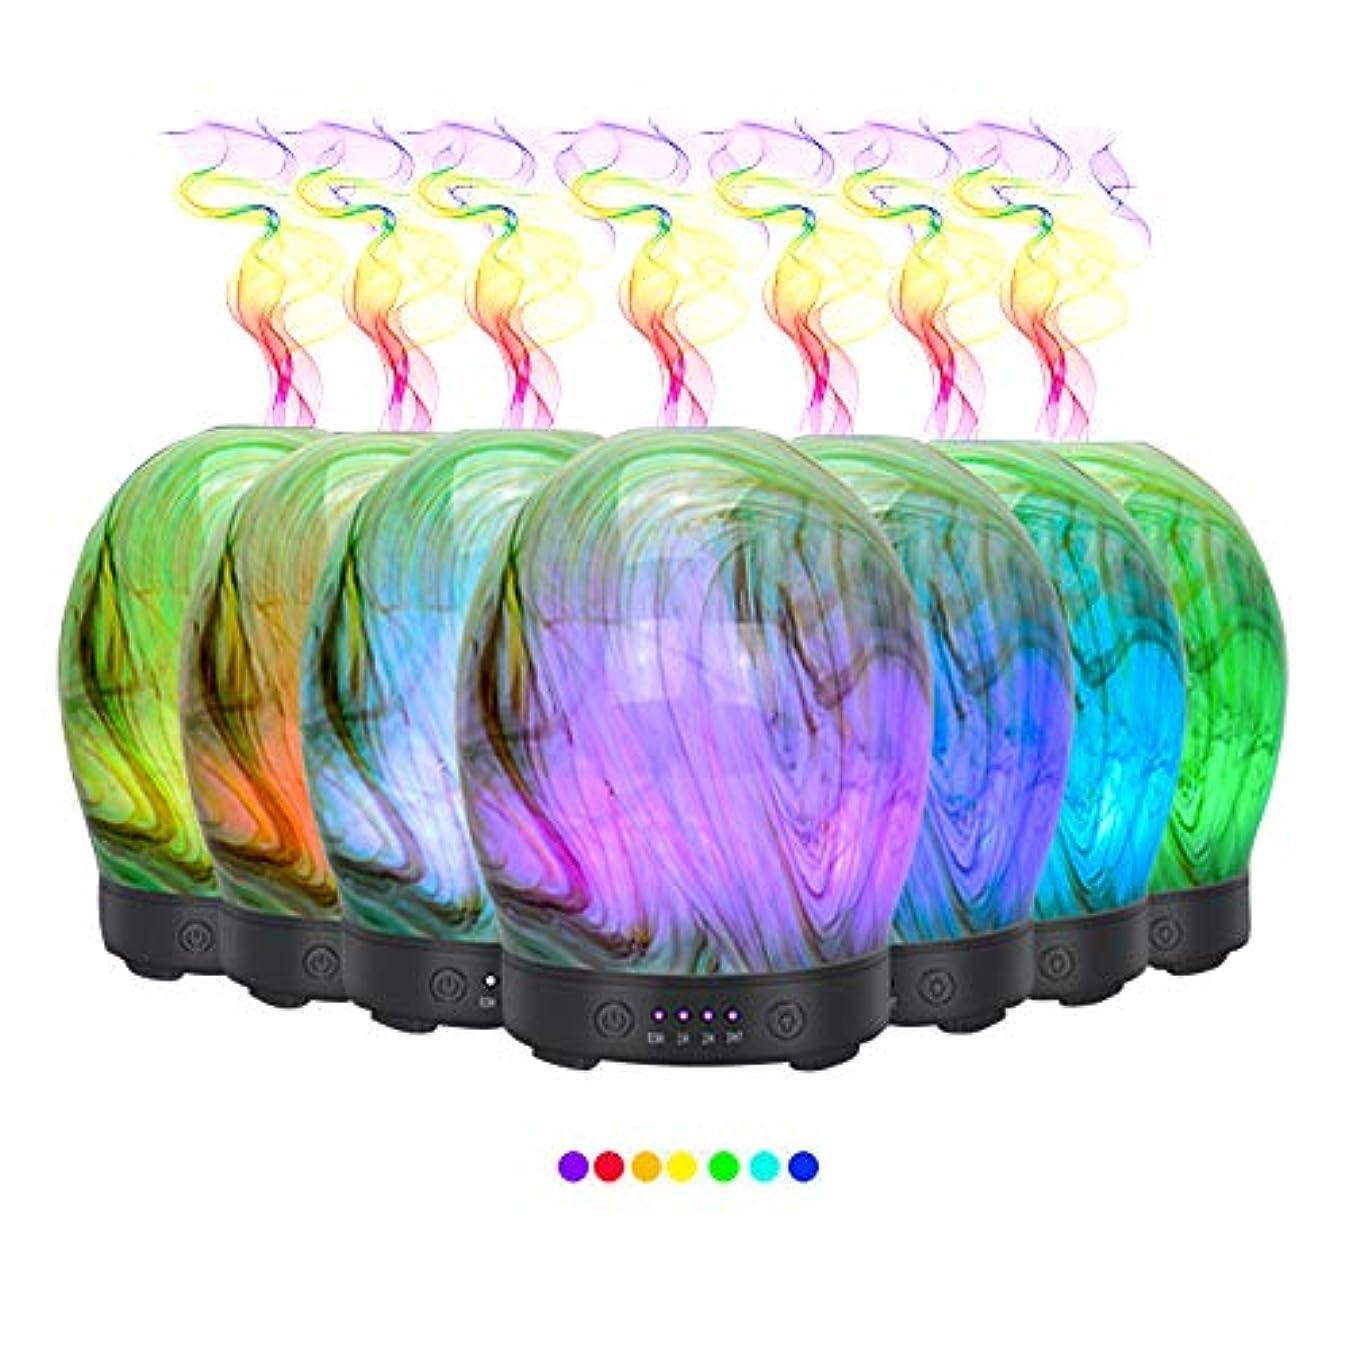 外交問題インフラ空虚エッセンシャルオイル用ディフューザー (100ml)-3d アートガラスツイストツリーアロマ加湿器7色の変更 LED ライト & 4 タイマー設定、水なしオートシャットオフ